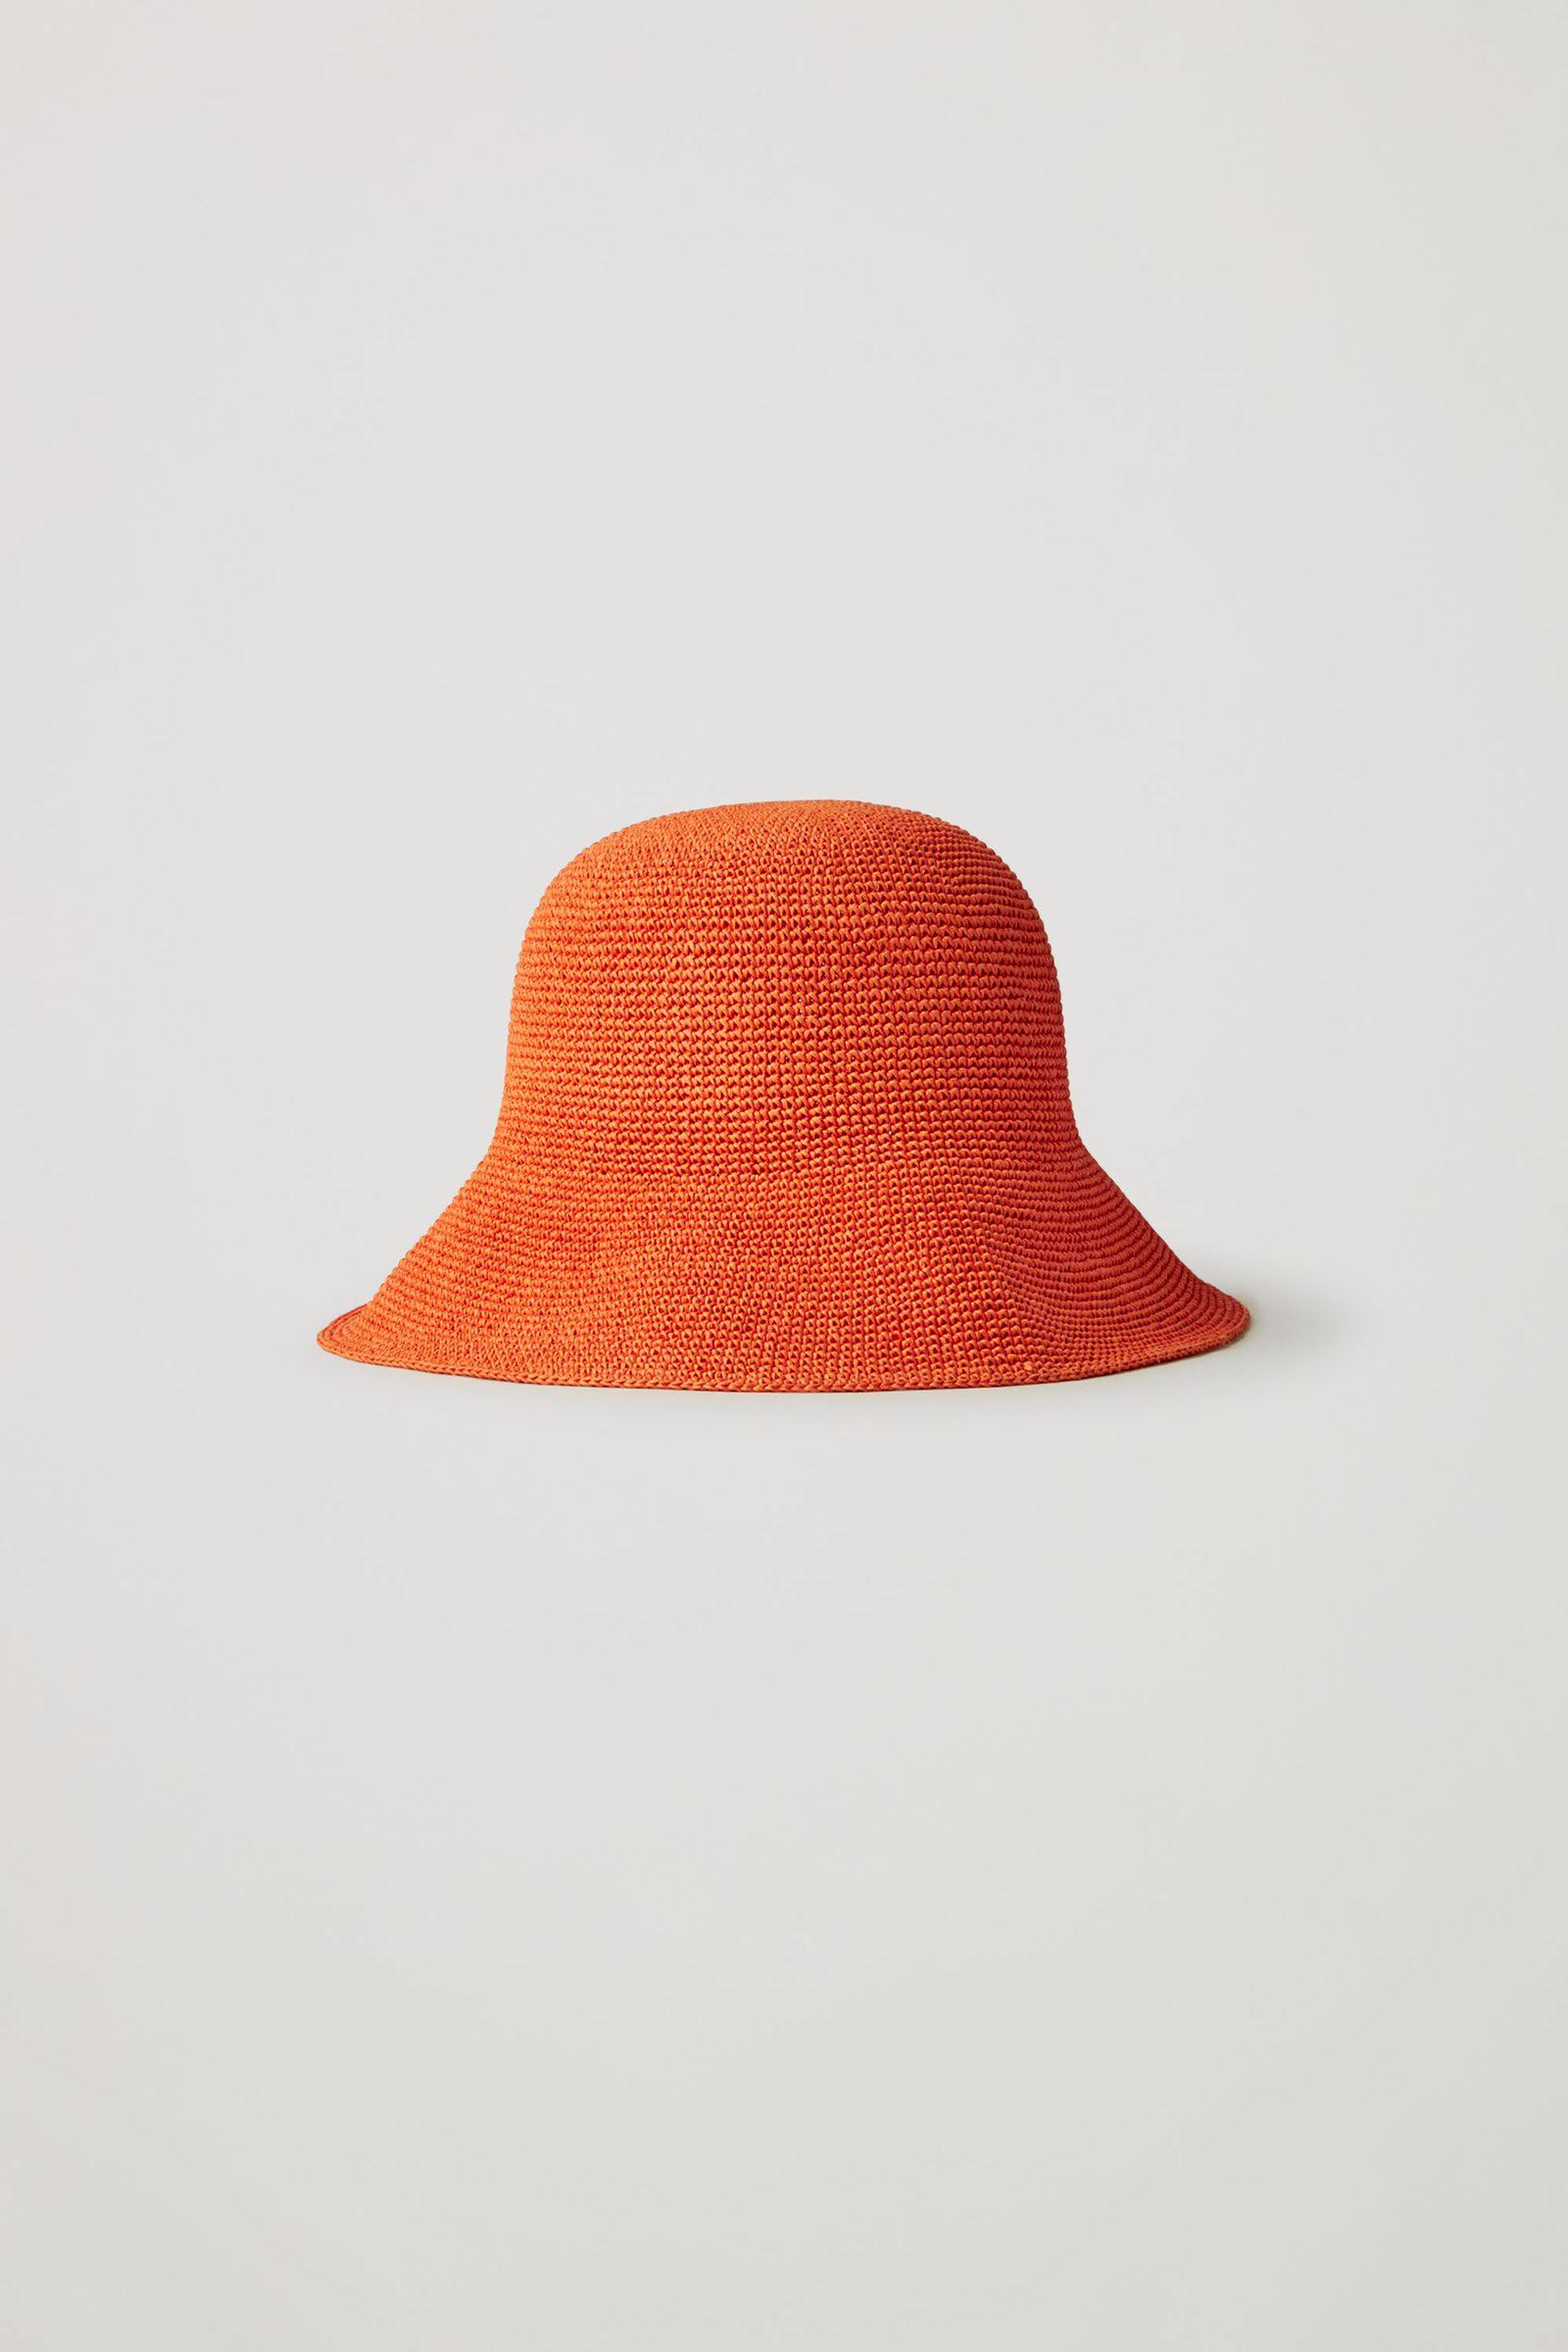 COS 크로셰 페이퍼 햇의 오렌지컬러 Product입니다.